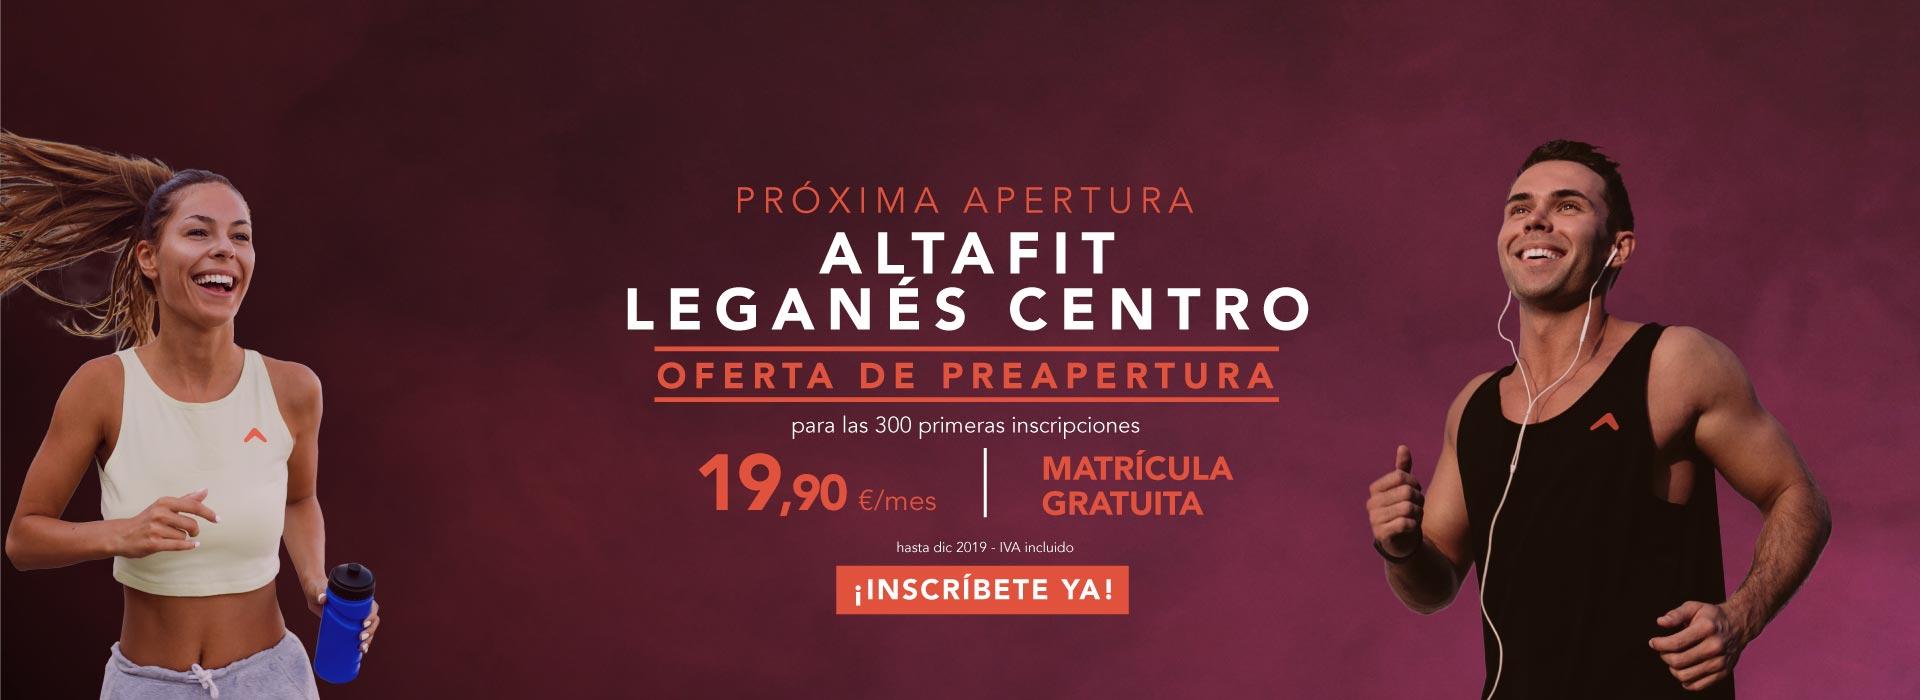 Inscríbete ya en Altafit Leganés Centro